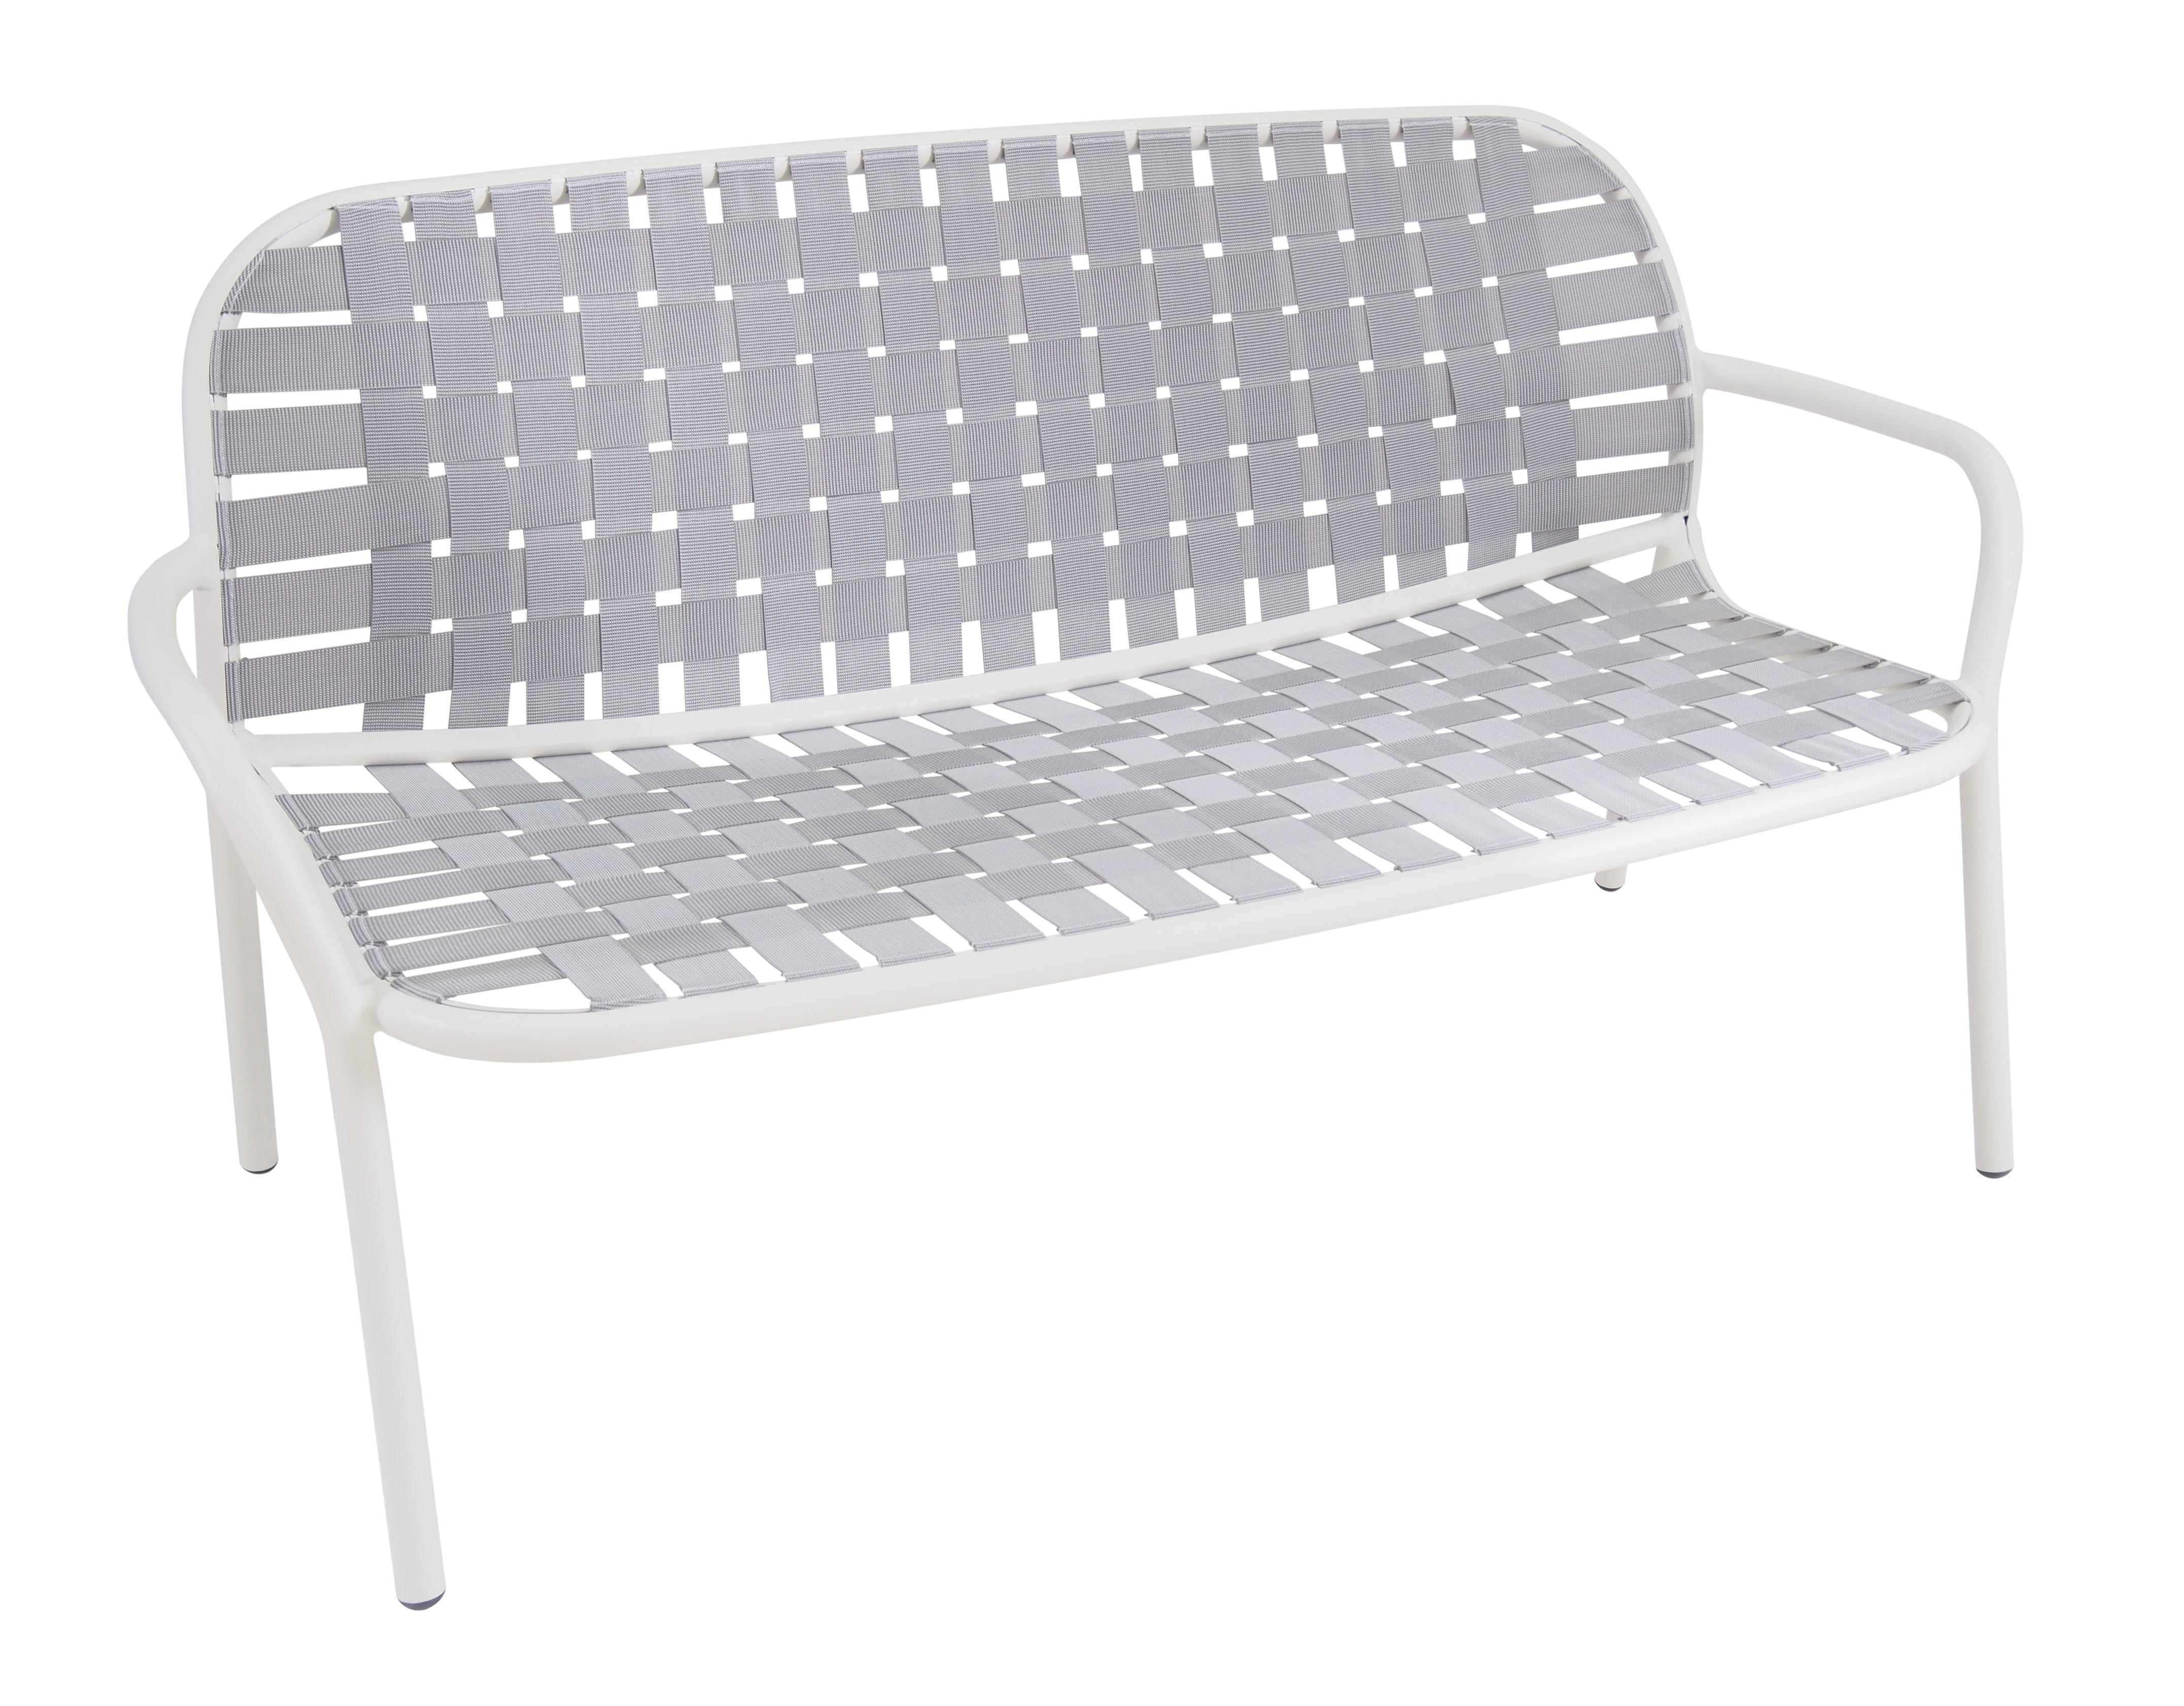 Arredamento - Divani moderni - Divano angolare destro Yard / 2 posti - L 139 cm - Emu - Struttura bianca / Seduta grigia - alluminio verniciato, Cinghie elastiche